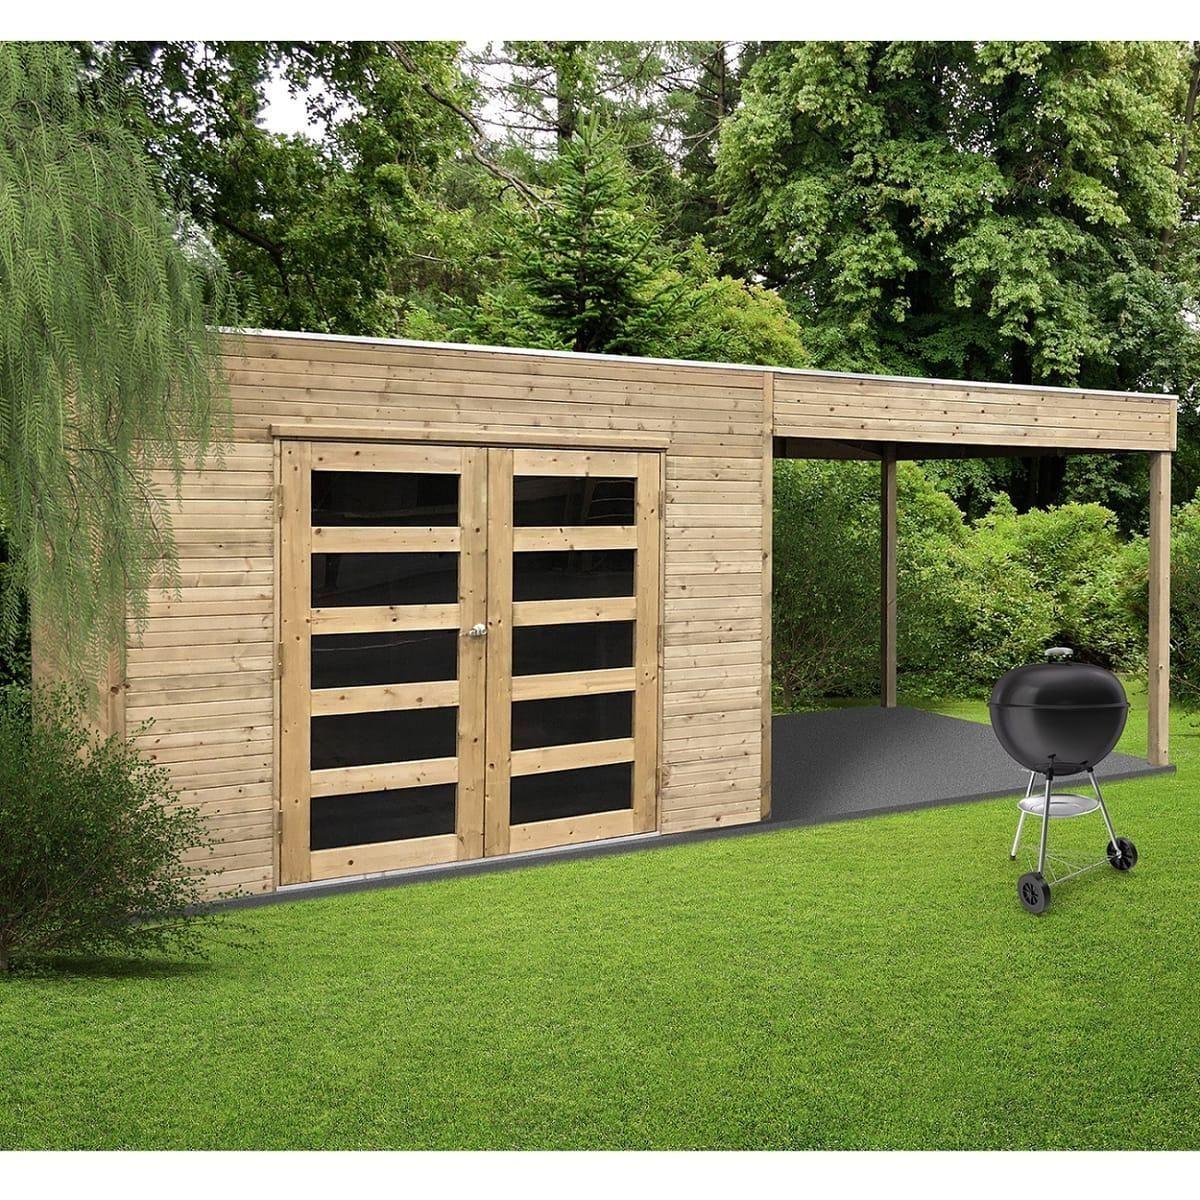 Solid Abri De Jardin En Bois Trait? Autoclave Avec Terrasse ... avec Abri De Jardin En Bois Traité Autoclave